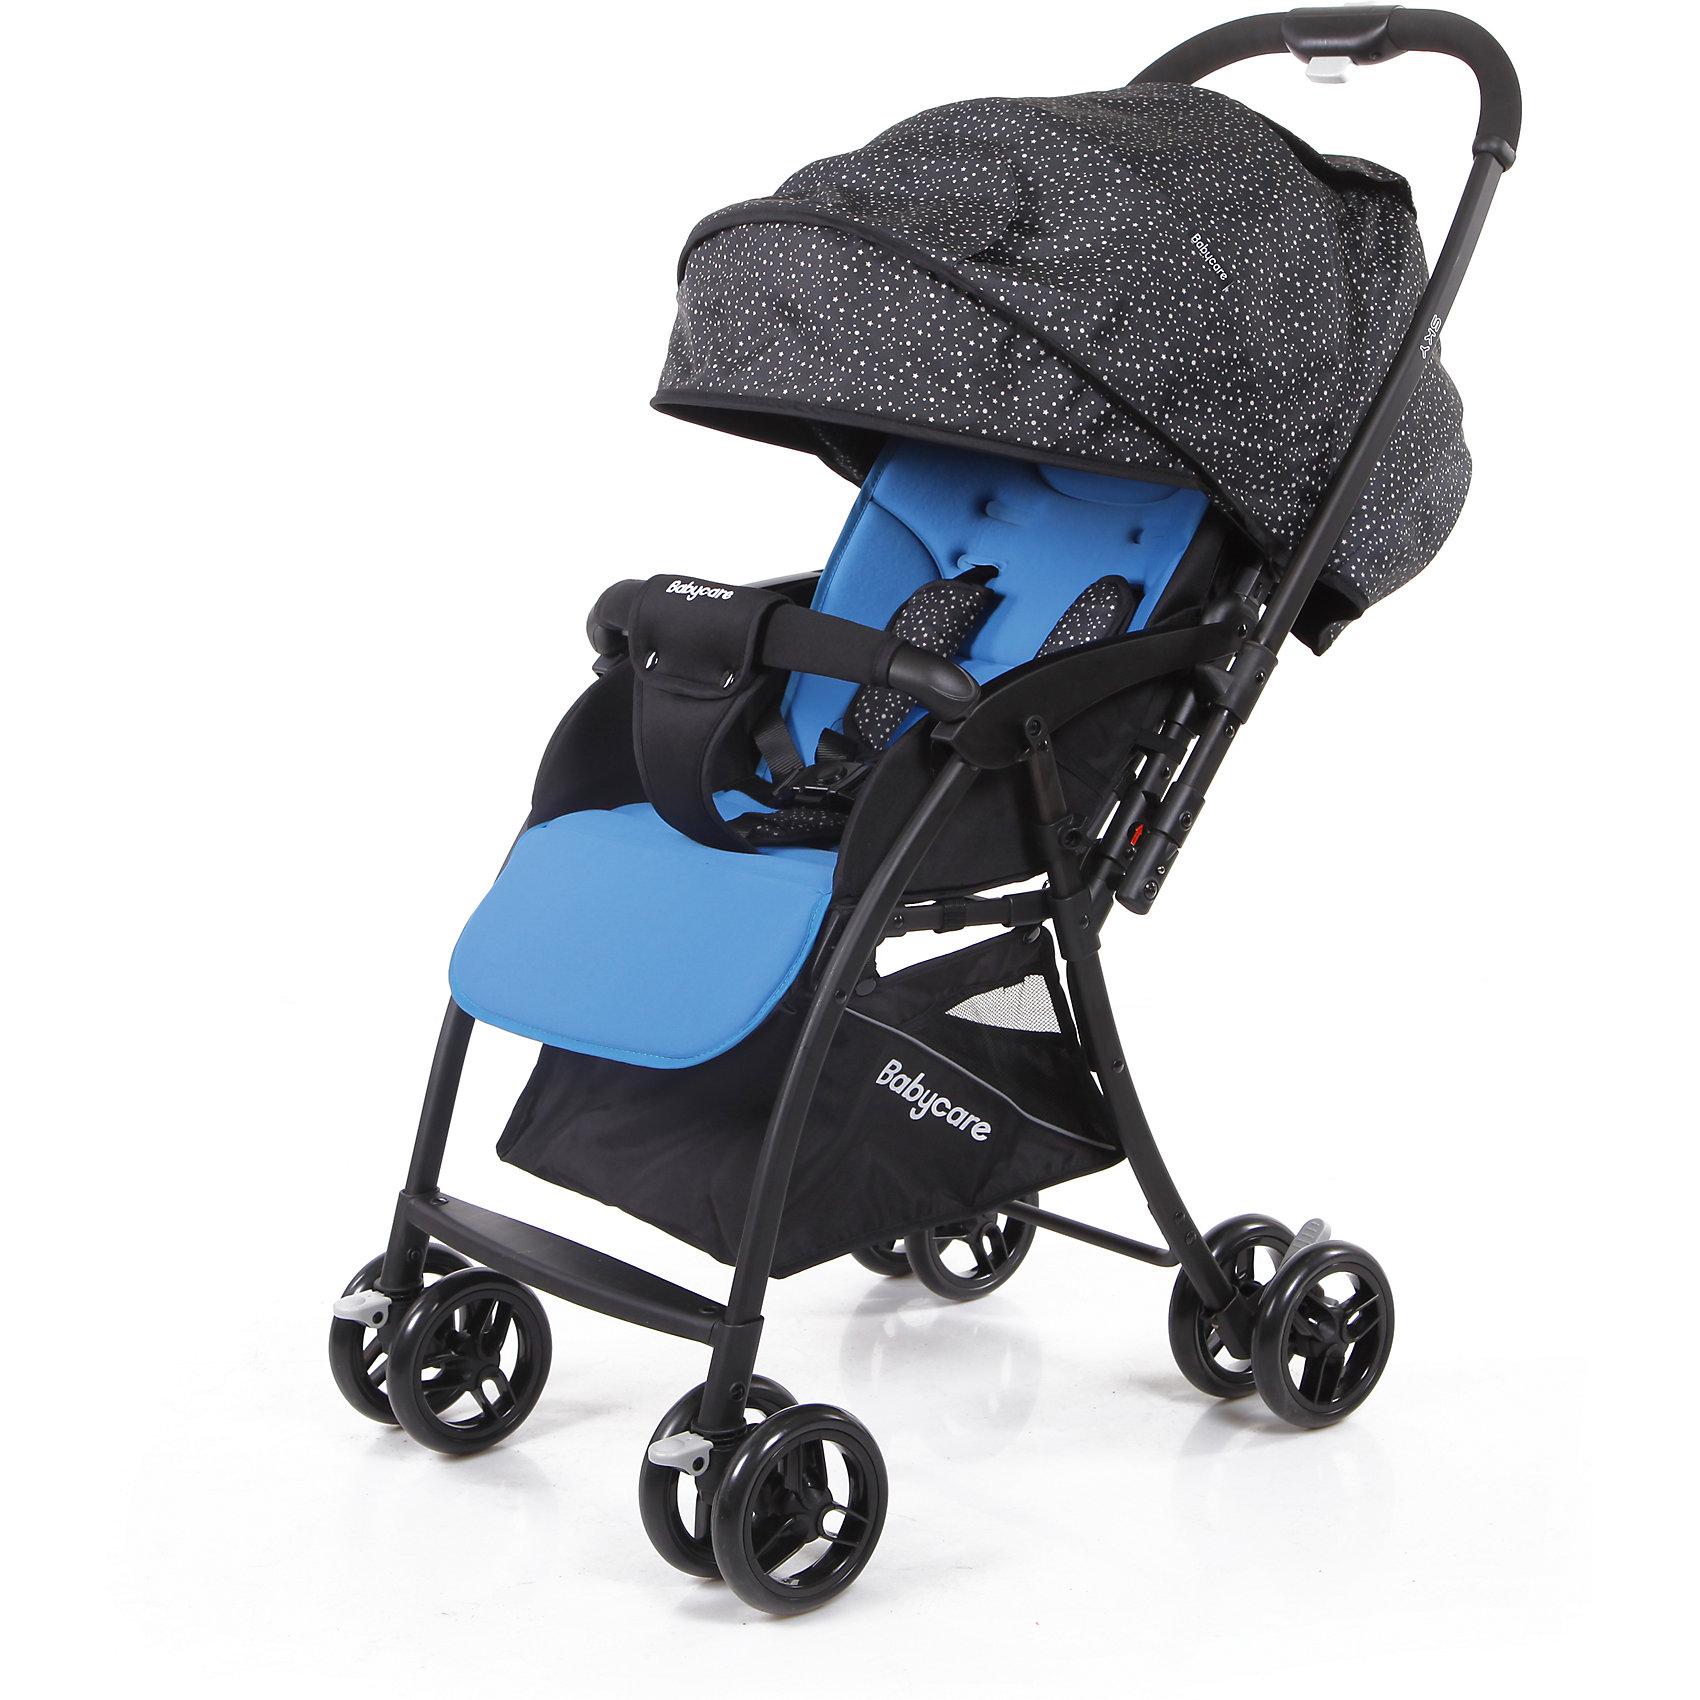 Прогулочная коляска Baby Care Sky, светло-синийПрогулочные коляски<br>Baby Care Sky  - новая прогулочная коляска с перекидной ручкой, легкая и маневренная. <br>Коляска легко и удобно складывается, благодаря чему занимает очень мало места.<br>Съемный бампер с мягкой обивкой, отстегивающийся с одной стороны. <br>Спинка  регулируется плавно с помощью ремней. <br>В комплекте есть чехол на ножки и корзинка для покупок. Коляска имеет 5-ти точечные ремни безопасности. <br>Может стоять в сложенном состоянии и складывается одной рукой.<br>Особенности:<br>• алюминиевая рама<br>• плавающие передние колеса с ручной фиксацией<br>• 5-ти точеный ремень безопасности<br>• бампер с мягкой обивкой отстёгивается с одной стороны<br>• спинка регулируется при помощи ремня<br>• регулируемая подножка<br>• ножная тормозная система<br>• амортизация передних колёс<br>• окошки в капюшоне <br>• перекидная родительская ручка<br>• коляска может стоять в сложенном состоянии<br>• коляску можно сложить одной рукой<br>Характеристики:<br>• диаметр колес: передние – 13.4 см, задние — 13.4 см<br>• тип колес: двойные<br>• механизм складывания: книжка<br>• вес: 4.7 кг <br>• ширина сиденья: 34 см<br>• размер корзины: 31х31х18 см<br>• размер в разложенном виде: 83х47х98 см<br>• размер в сложенном виде: 30х47х93 см<br><br>Ширина мм: 730<br>Глубина мм: 460<br>Высота мм: 210<br>Вес г: 6200<br>Возраст от месяцев: 6<br>Возраст до месяцев: 36<br>Пол: Унисекс<br>Возраст: Детский<br>SKU: 6668624